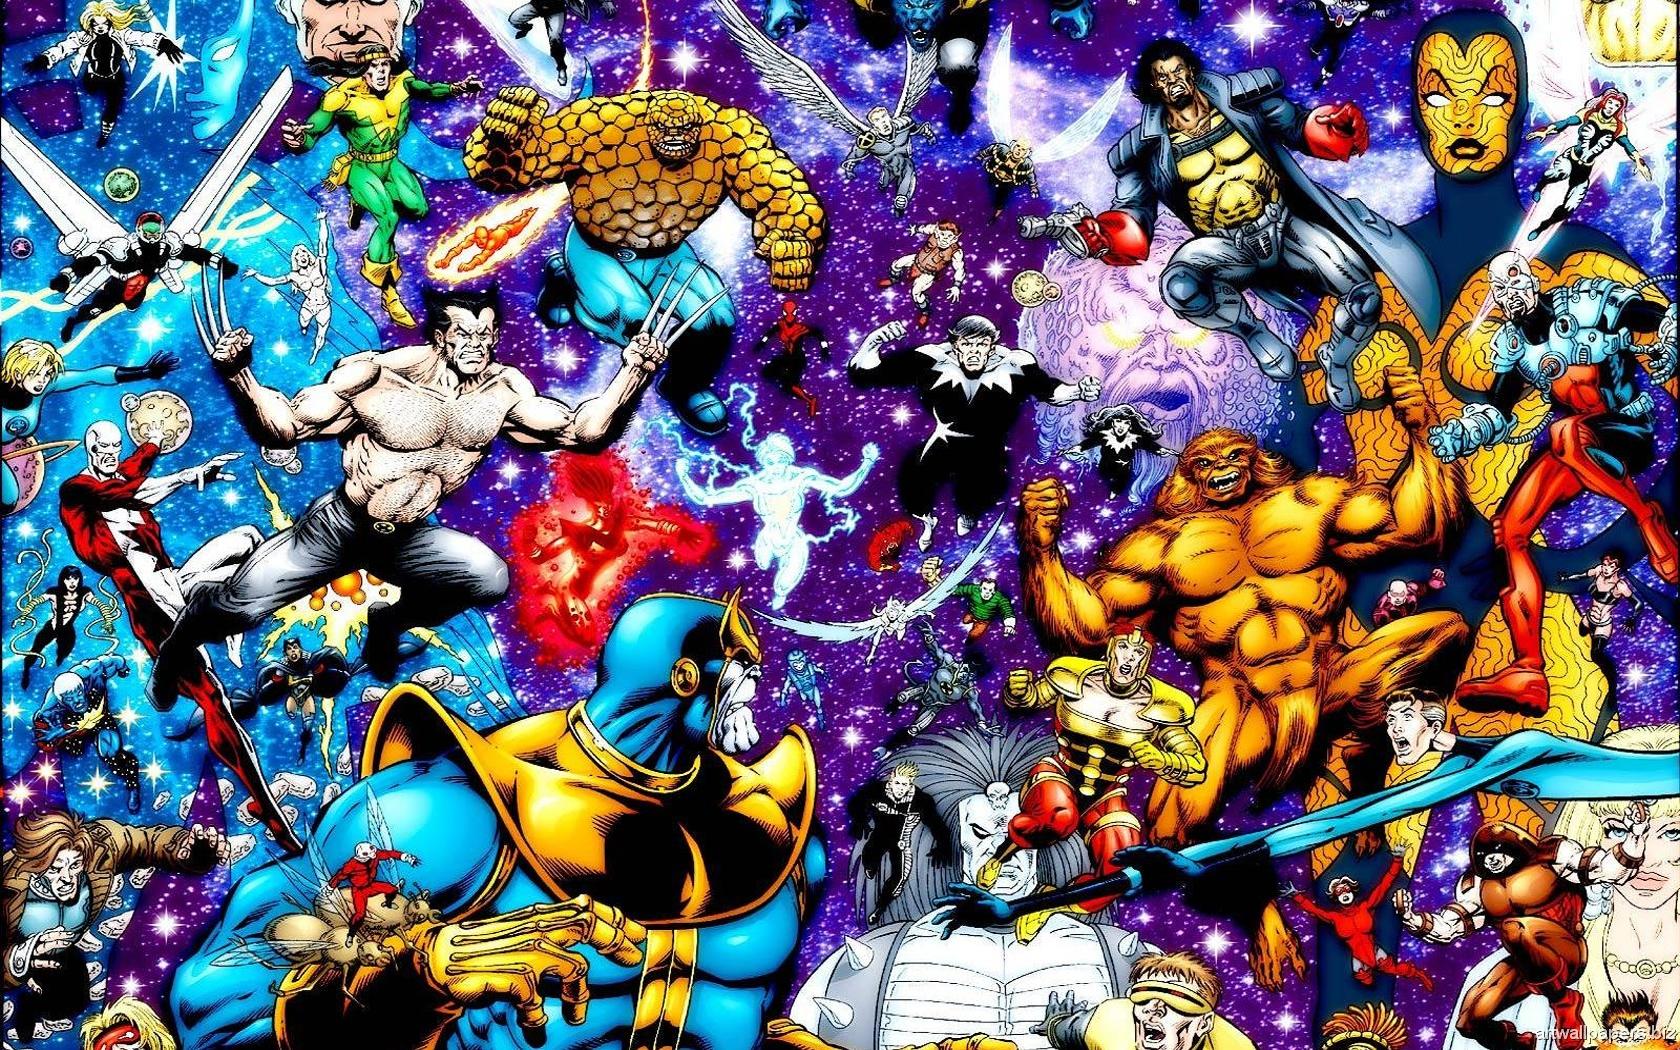 Comic Art Wallpapers - WallpaperSafari